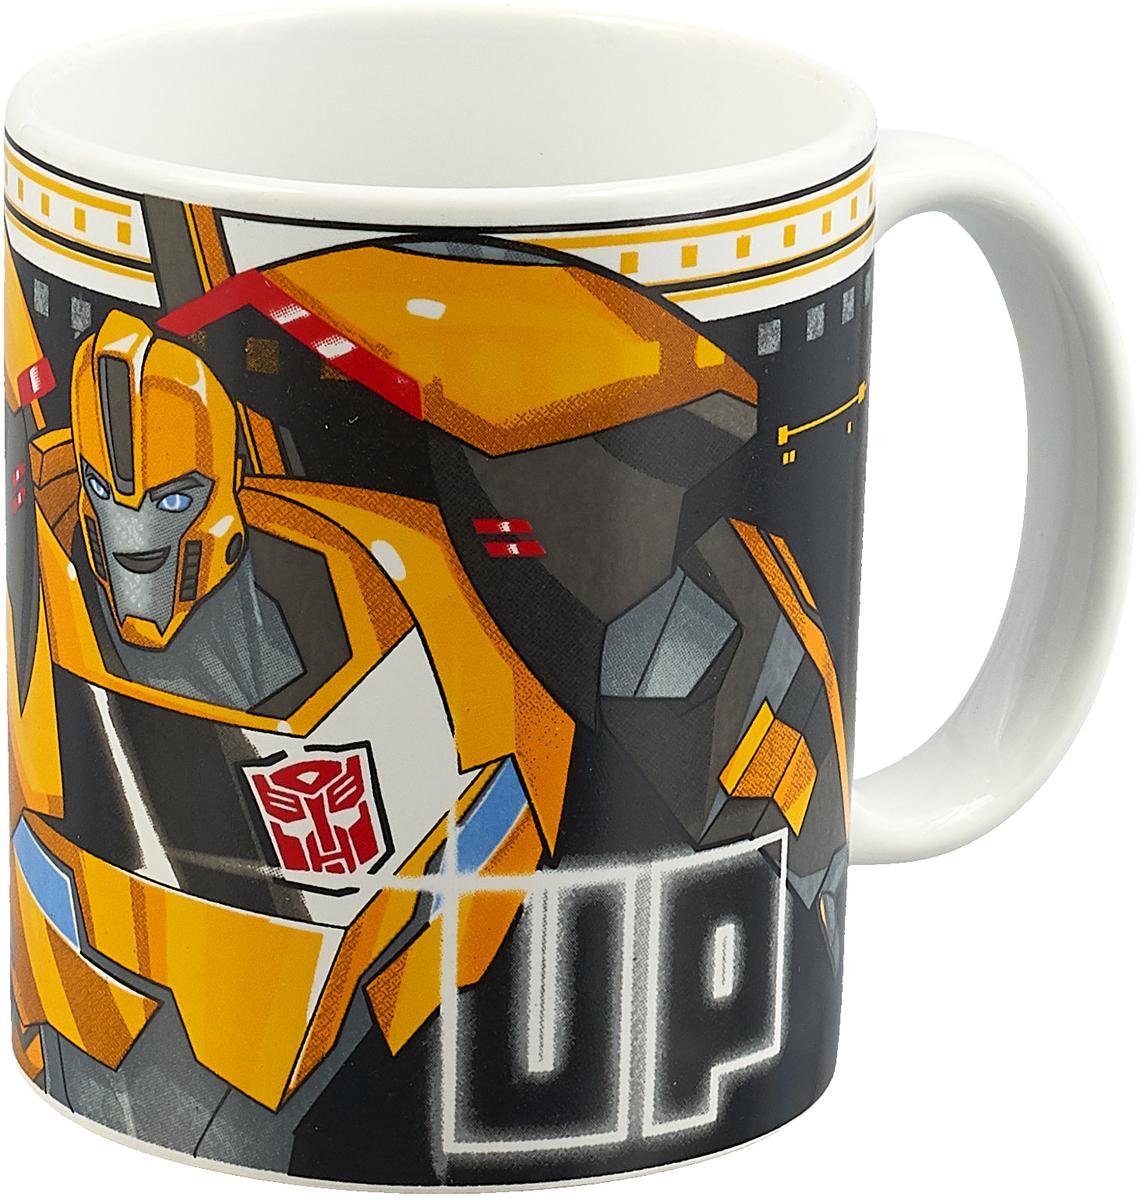 Transformers Кружка детская Роботы под прикрытием Team up 350 мл hasbro transformers b0067 трансформеры роботы под прикрытием гиперчэндж в ассортименте